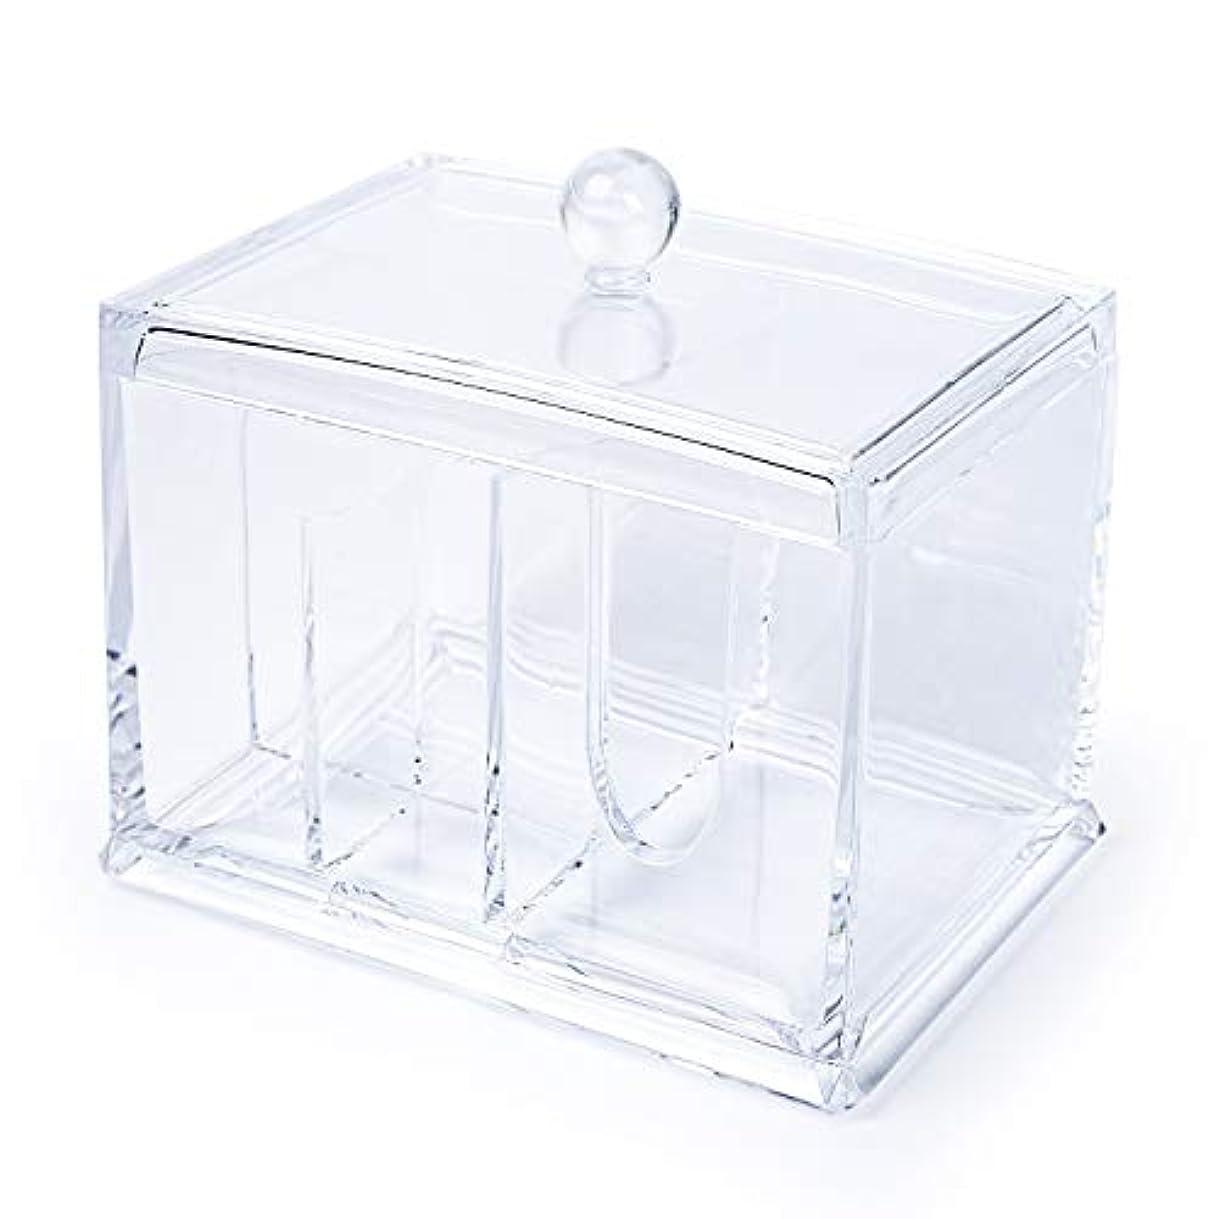 本バクテリアバックELOKI 収納ボックス アクリルケース 収納ボックス 綿棒 小物?コスメ小物用品収納 ジュエリーボックス アクセサリー 透明 防塵?蓋付き アクリル製